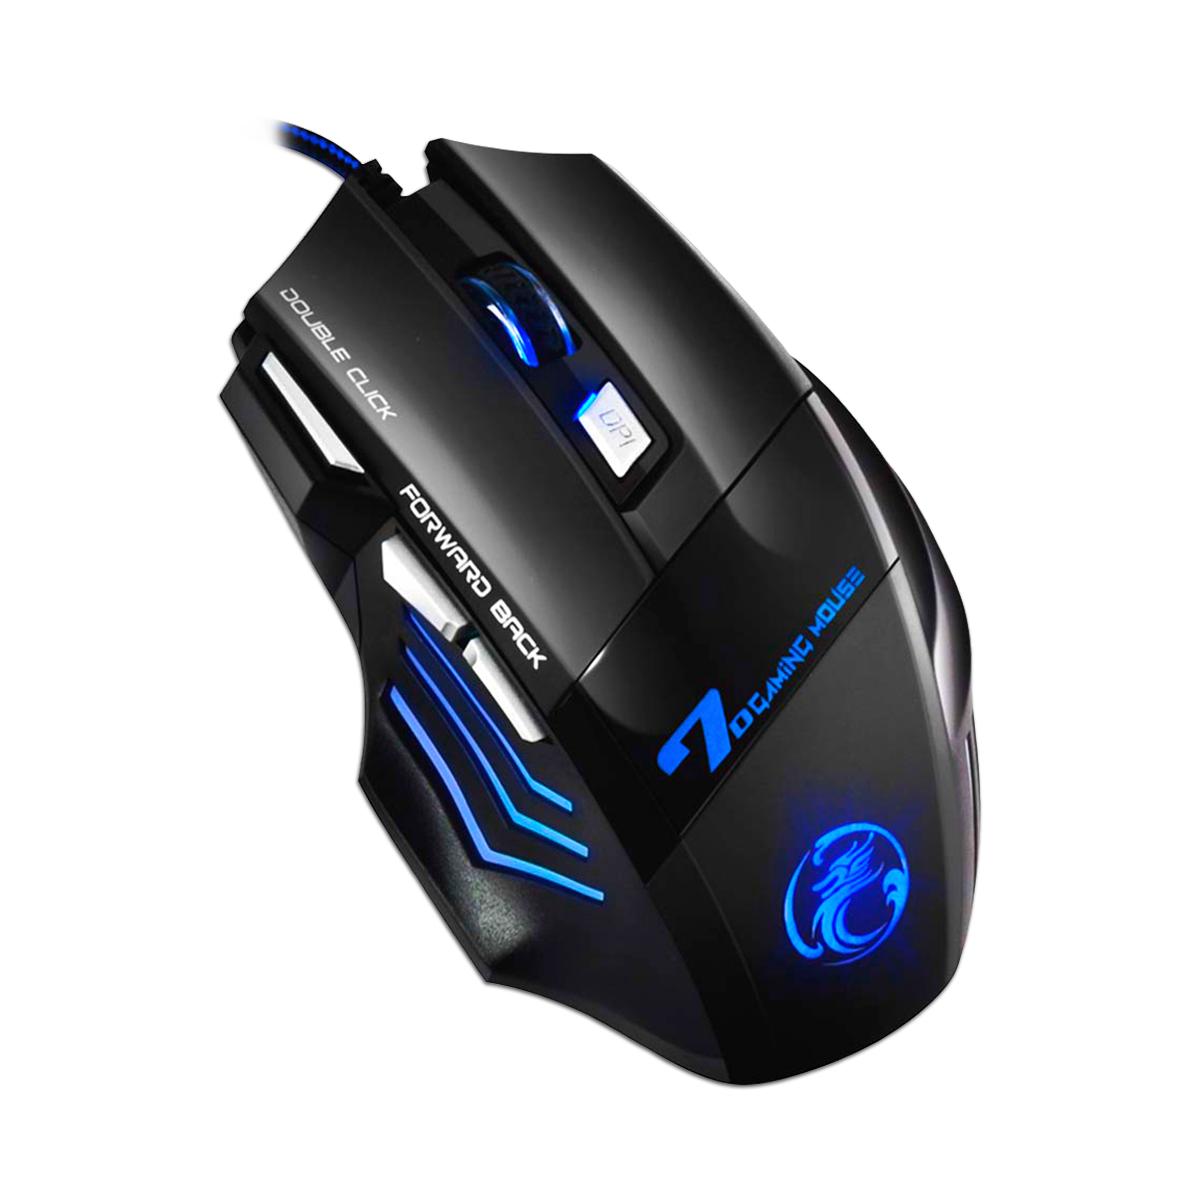 Игровая мышка с подсветкой Imice X7